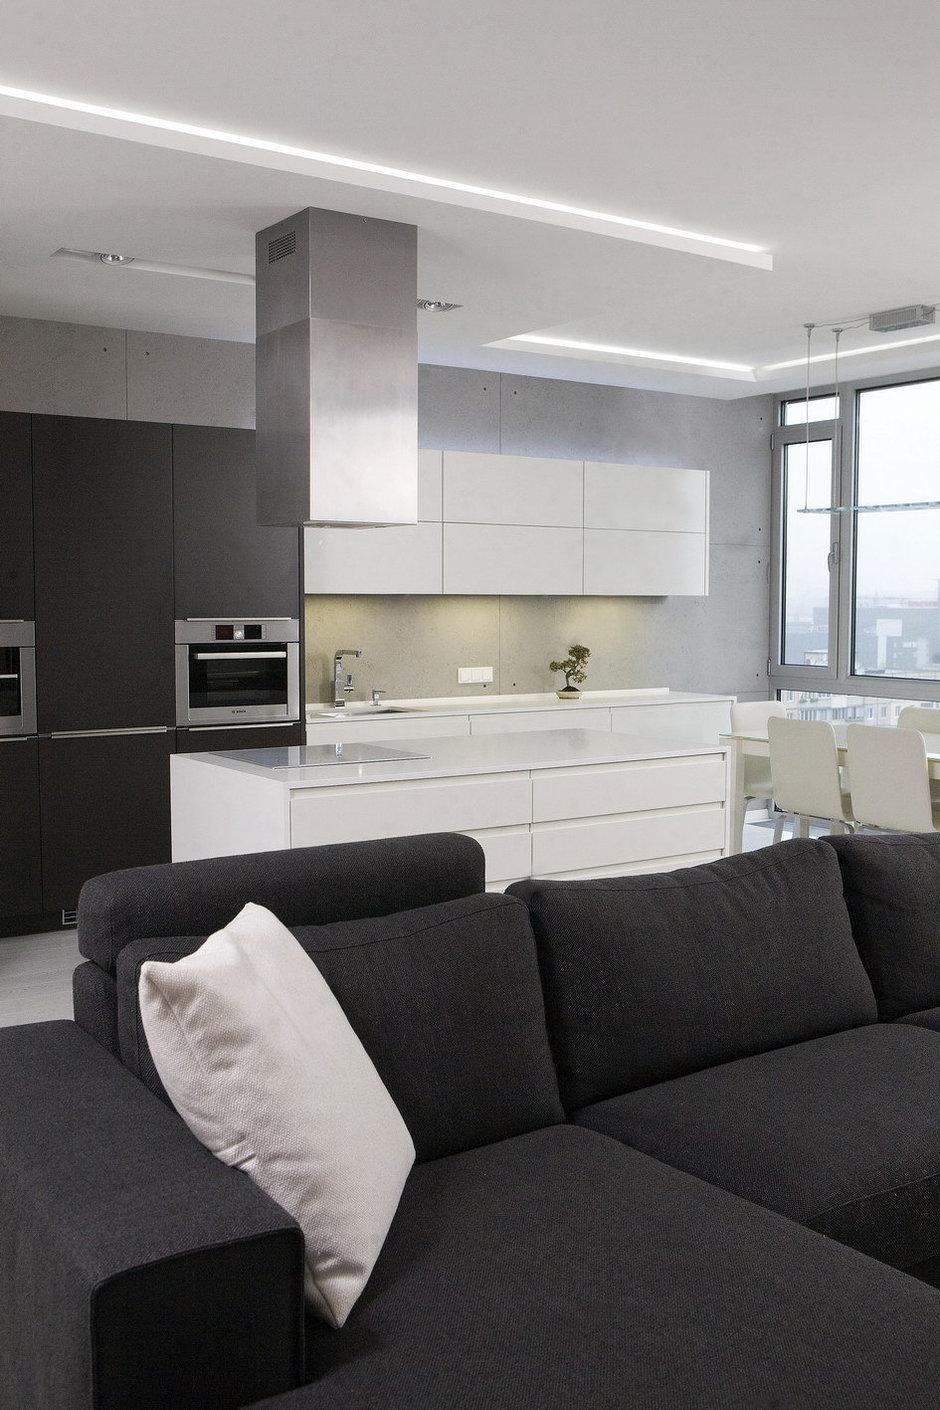 Фотография: Кухня и столовая в стиле Лофт, Квартира, Цвет в интерьере, Дома и квартиры, Белый, Минимализм – фото на InMyRoom.ru